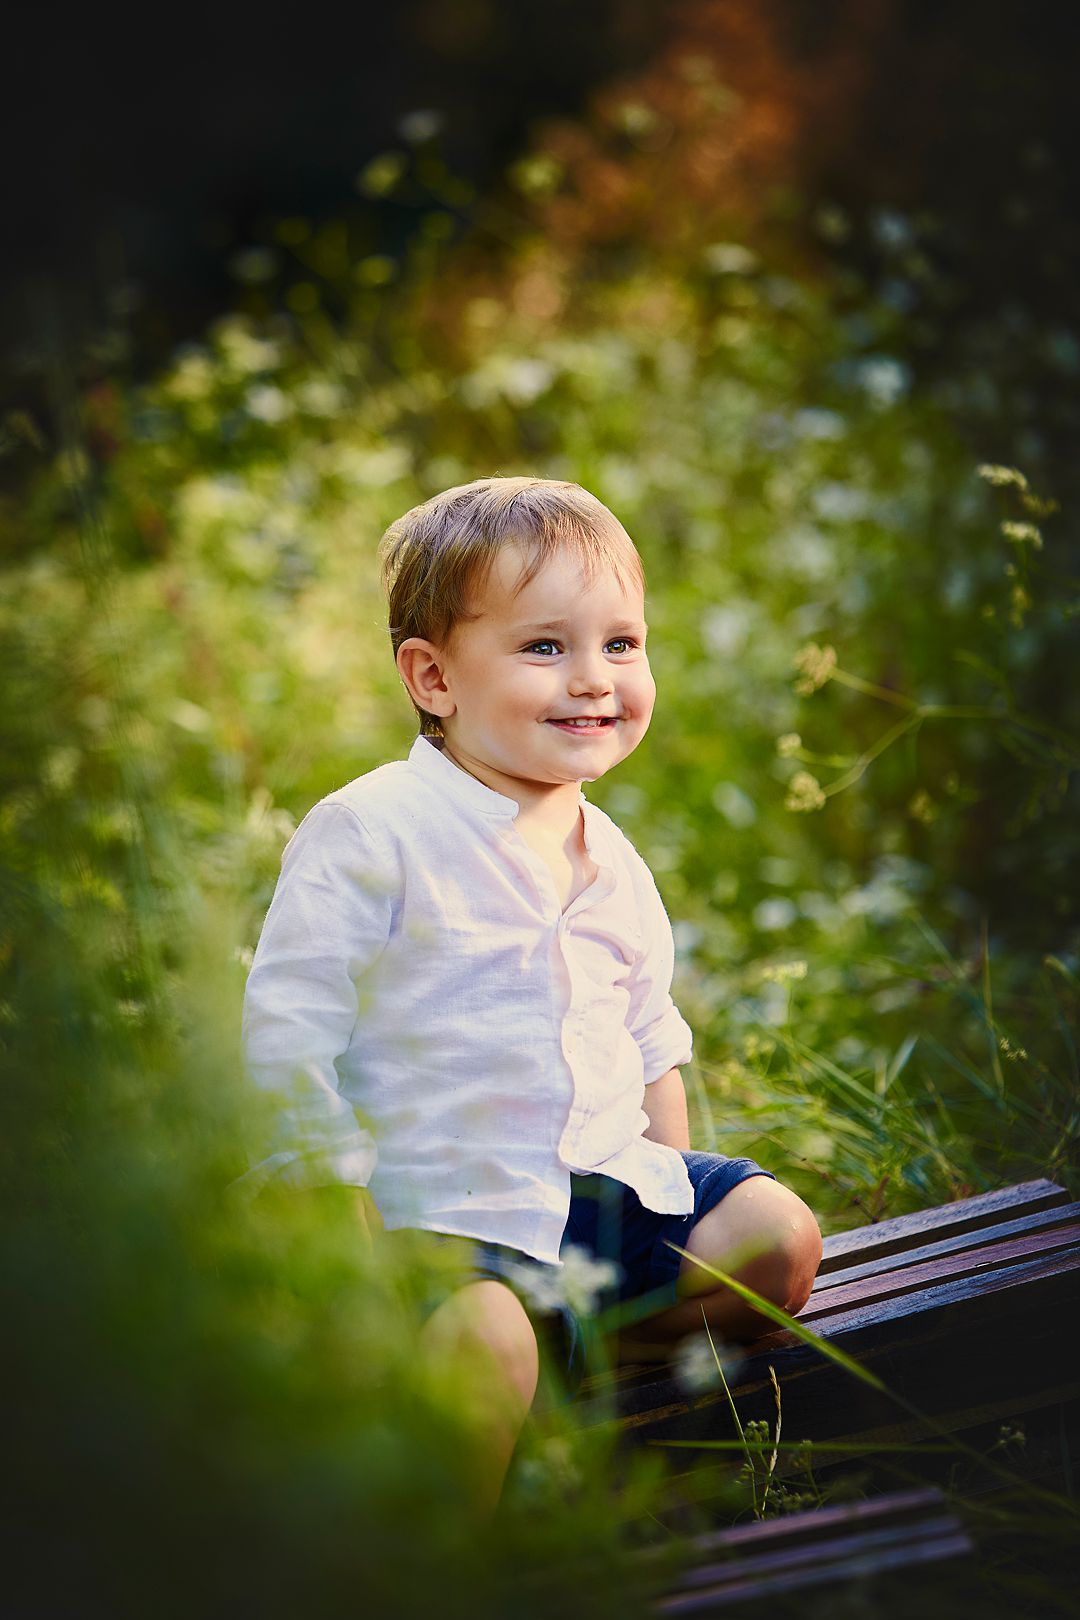 Book-fotos-en-exterior-sonrisa-dulce-niños.